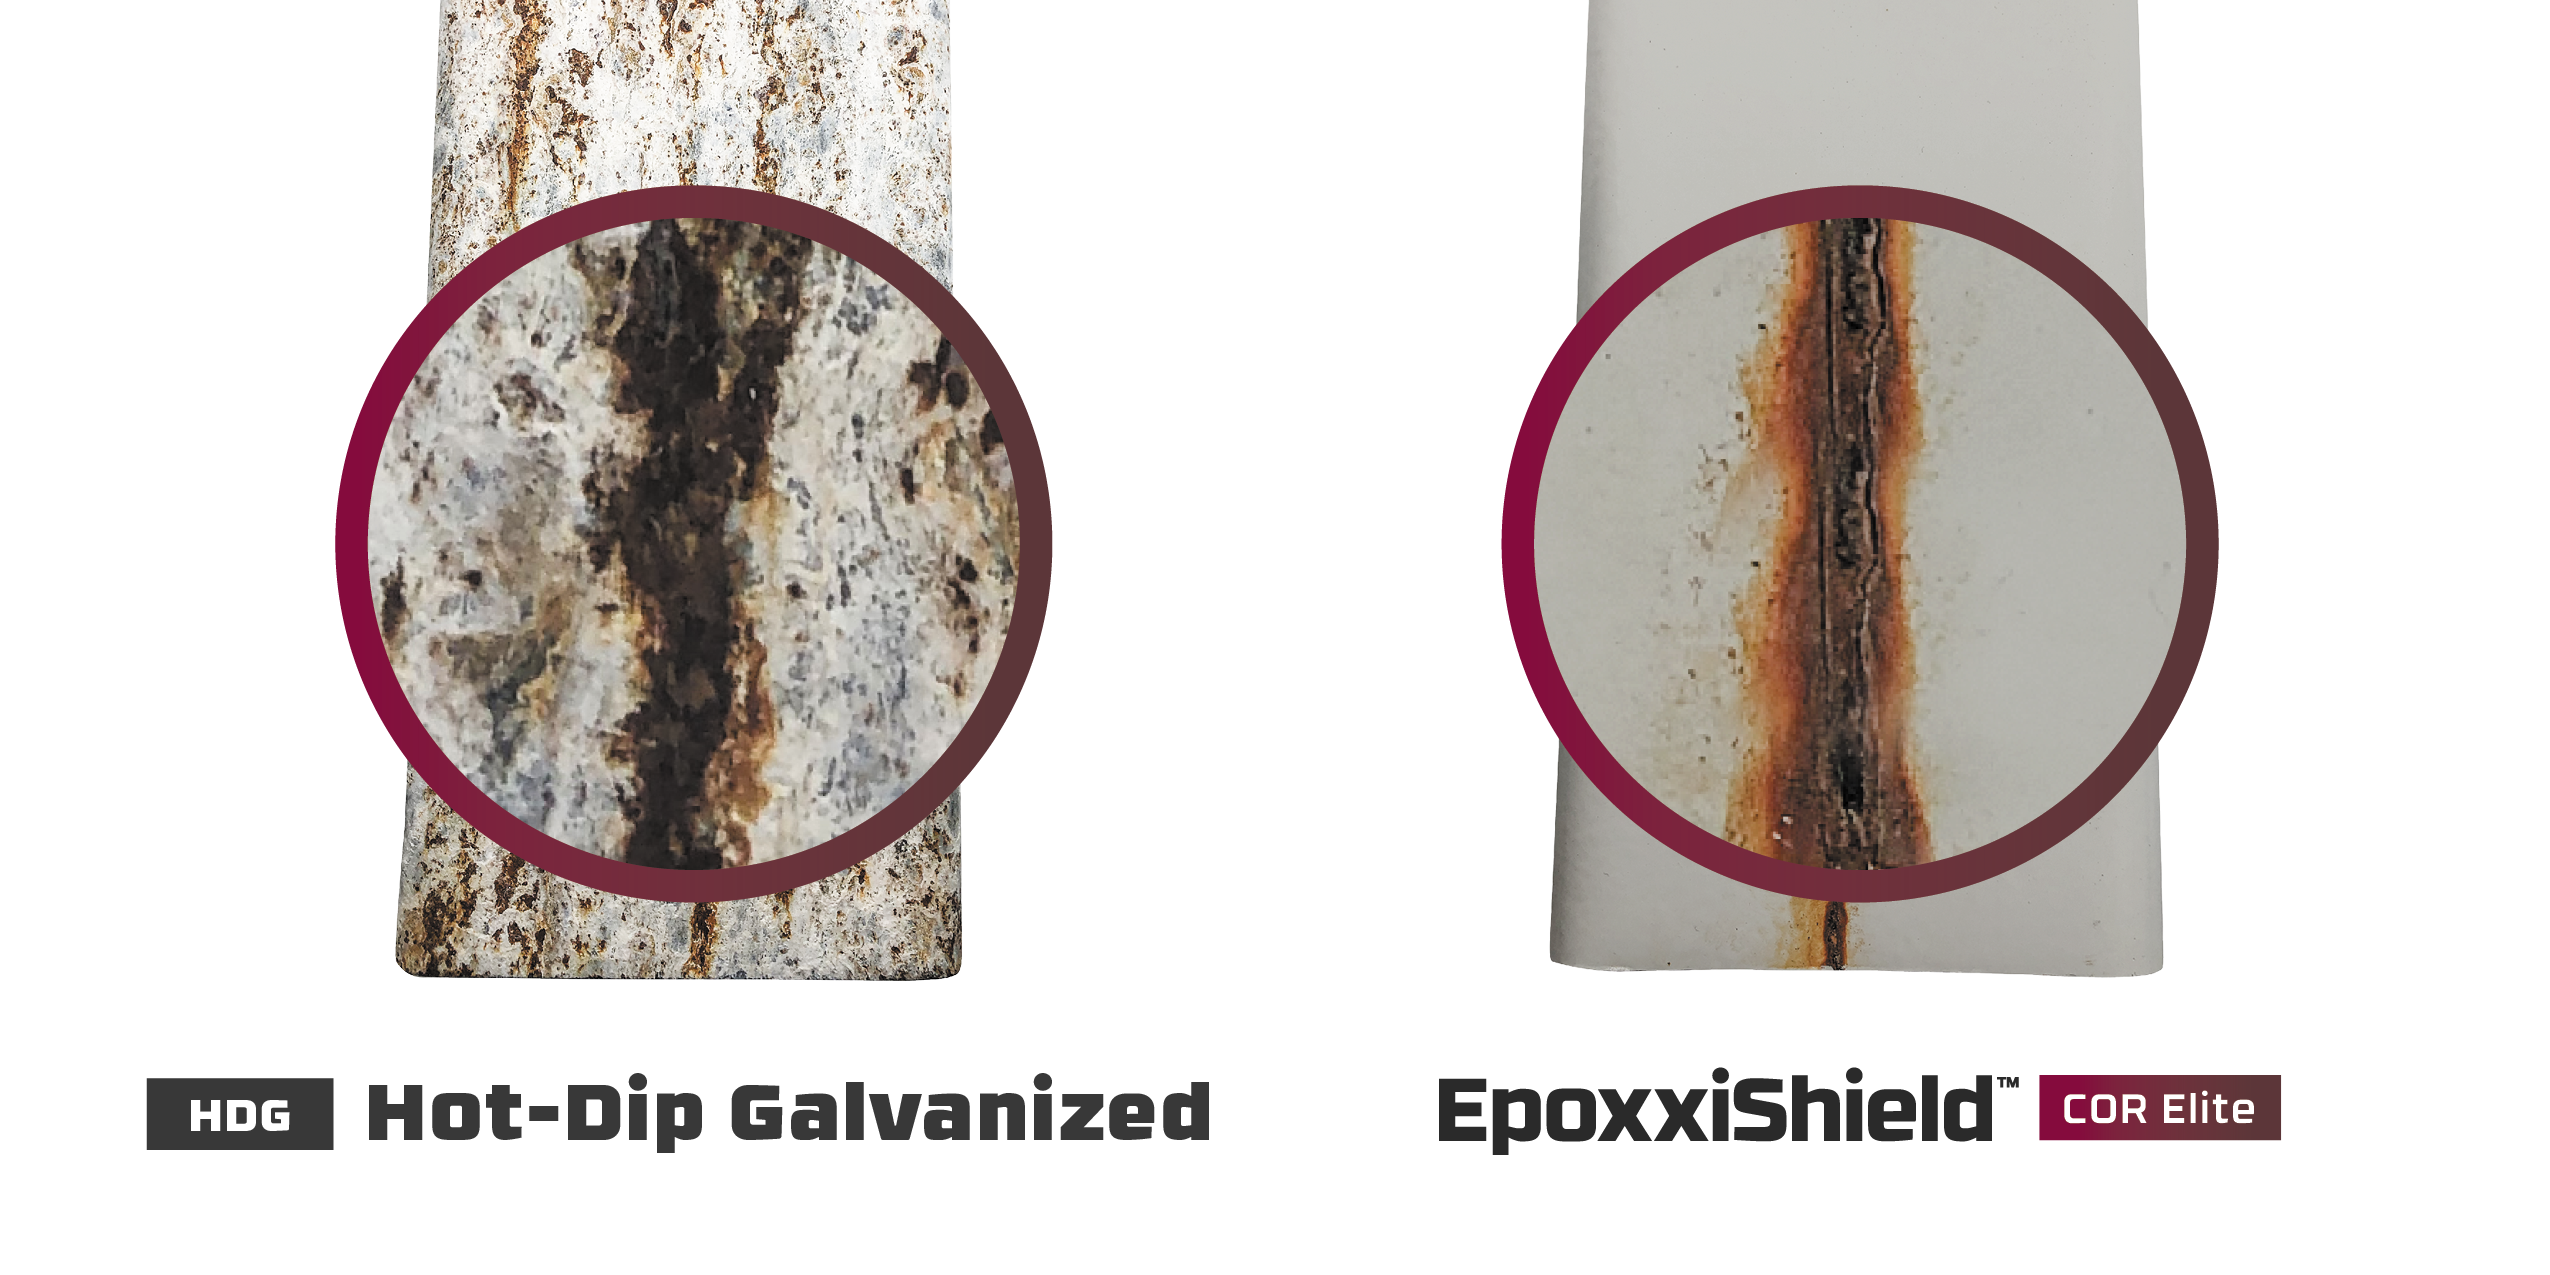 EpoxxiShield-vs-HDG-2